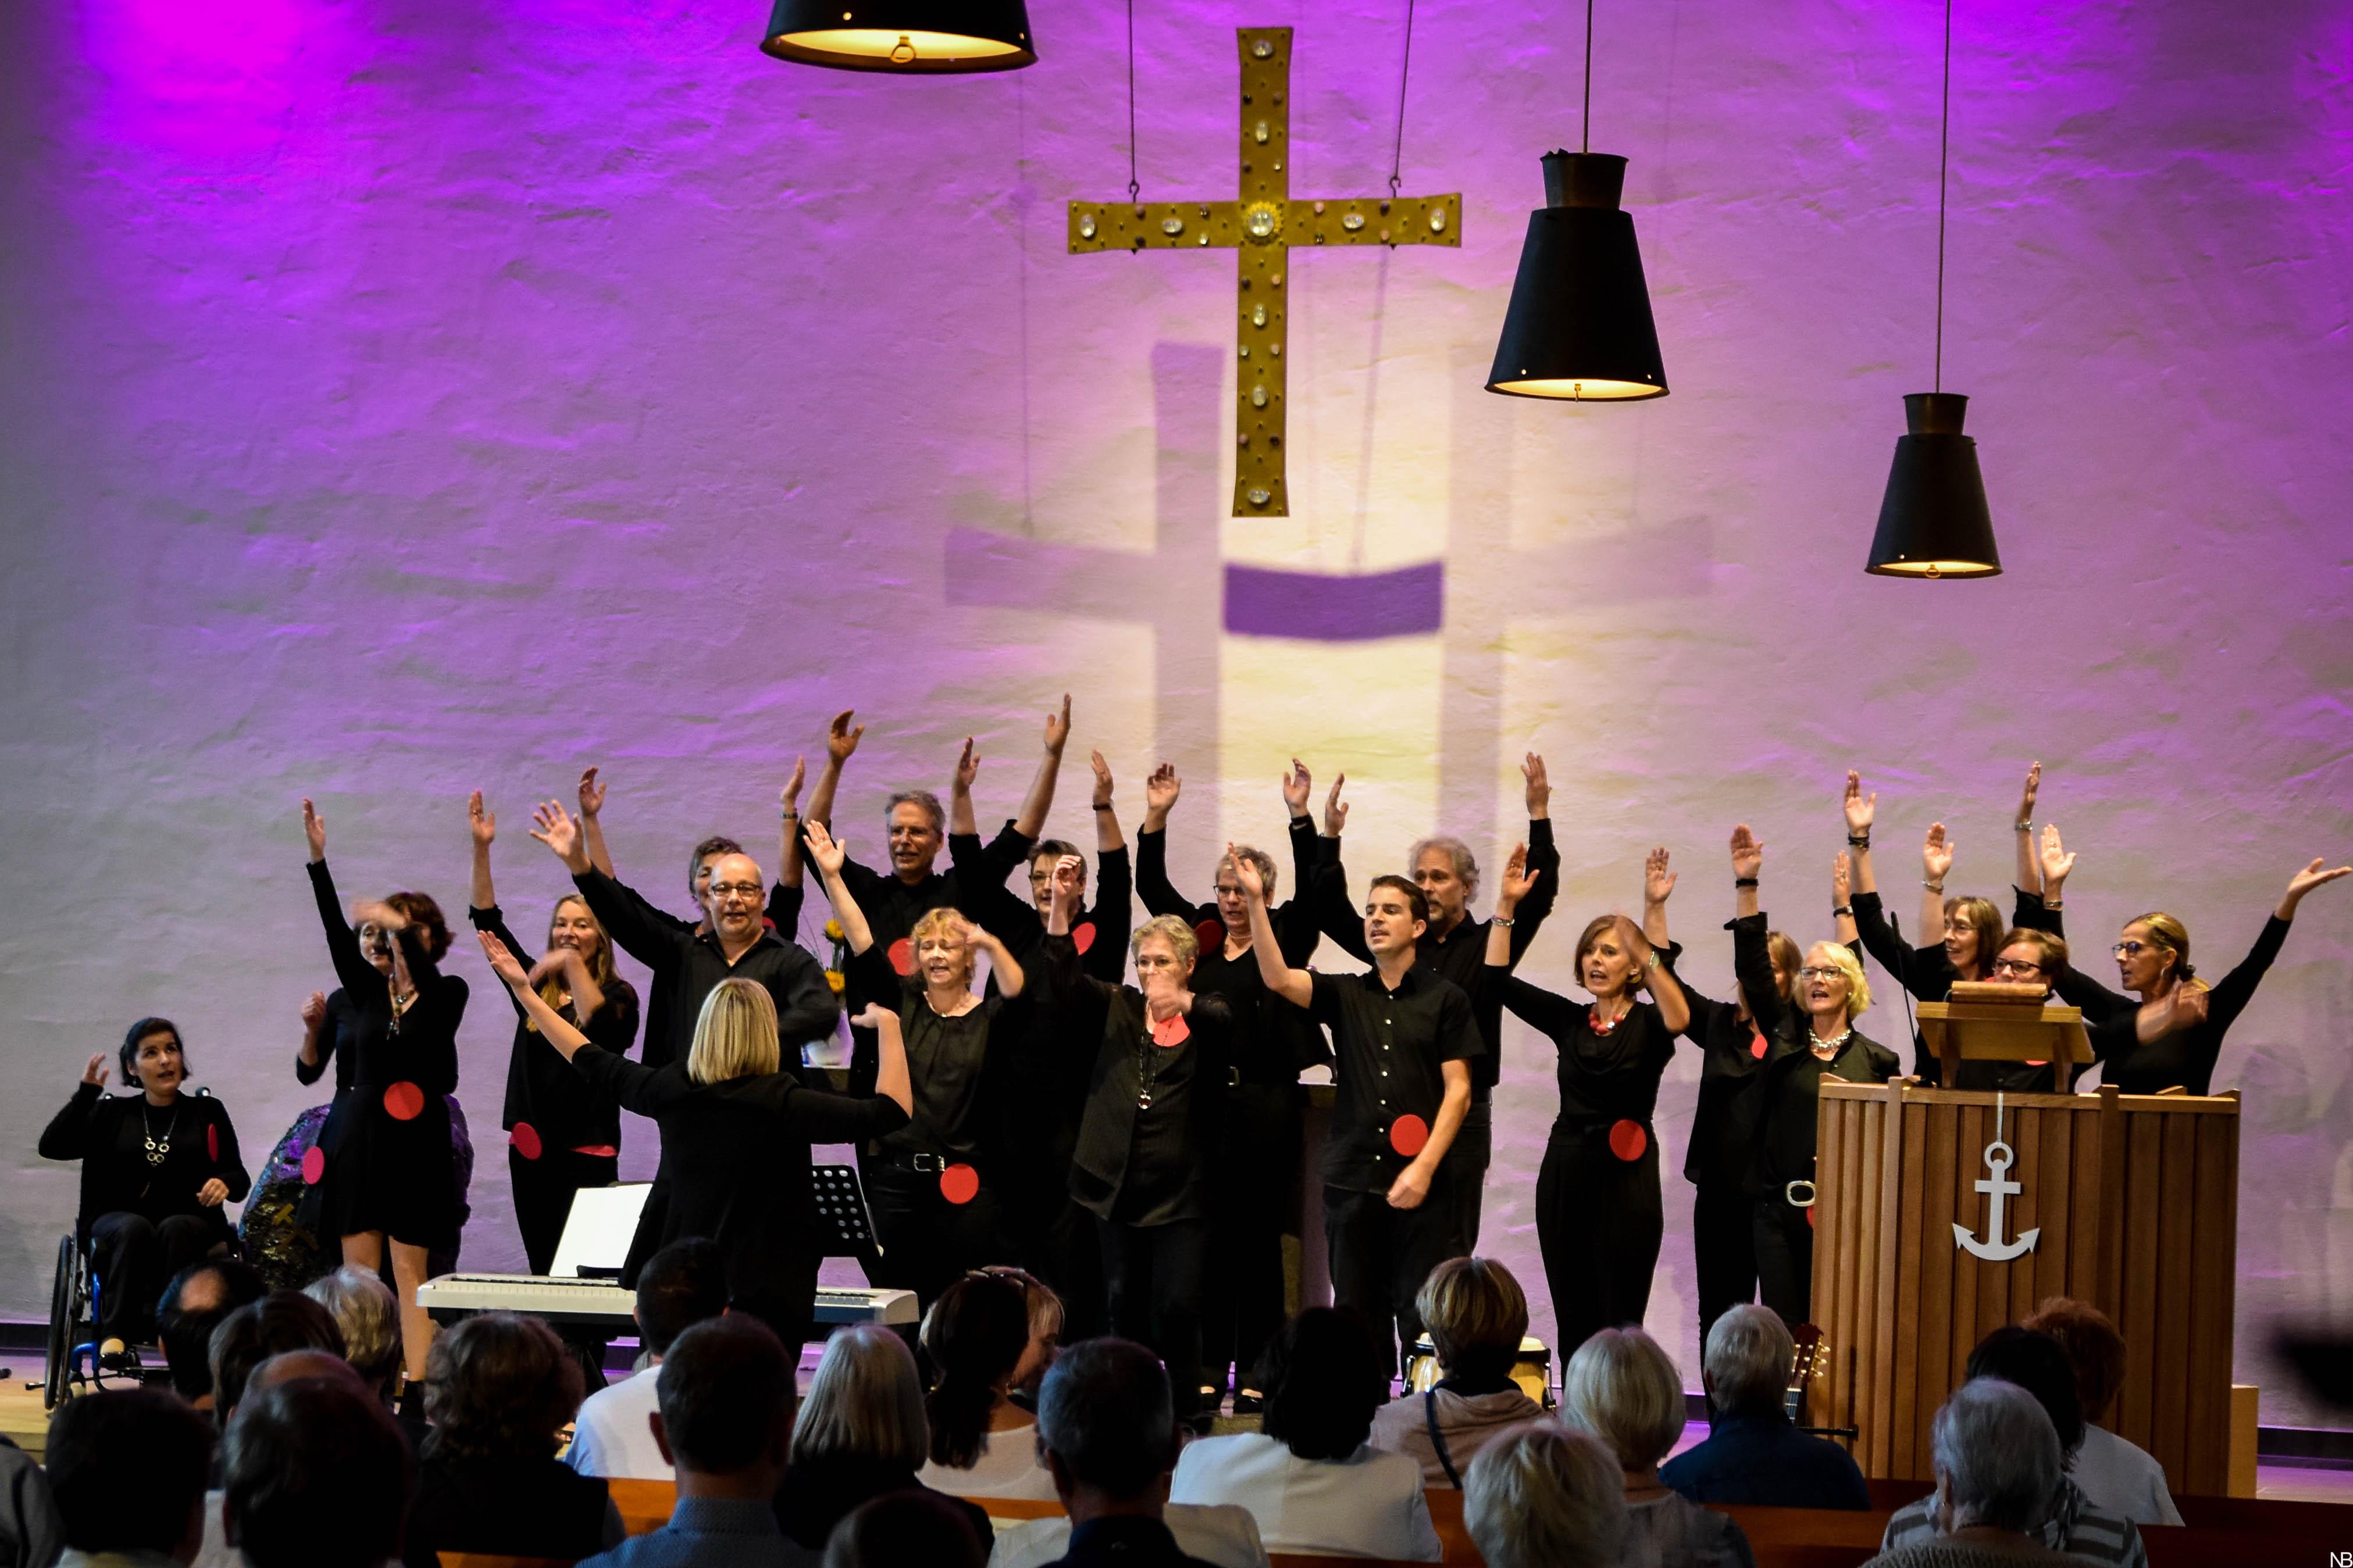 20181113_Pink of Chors Matthäusheim